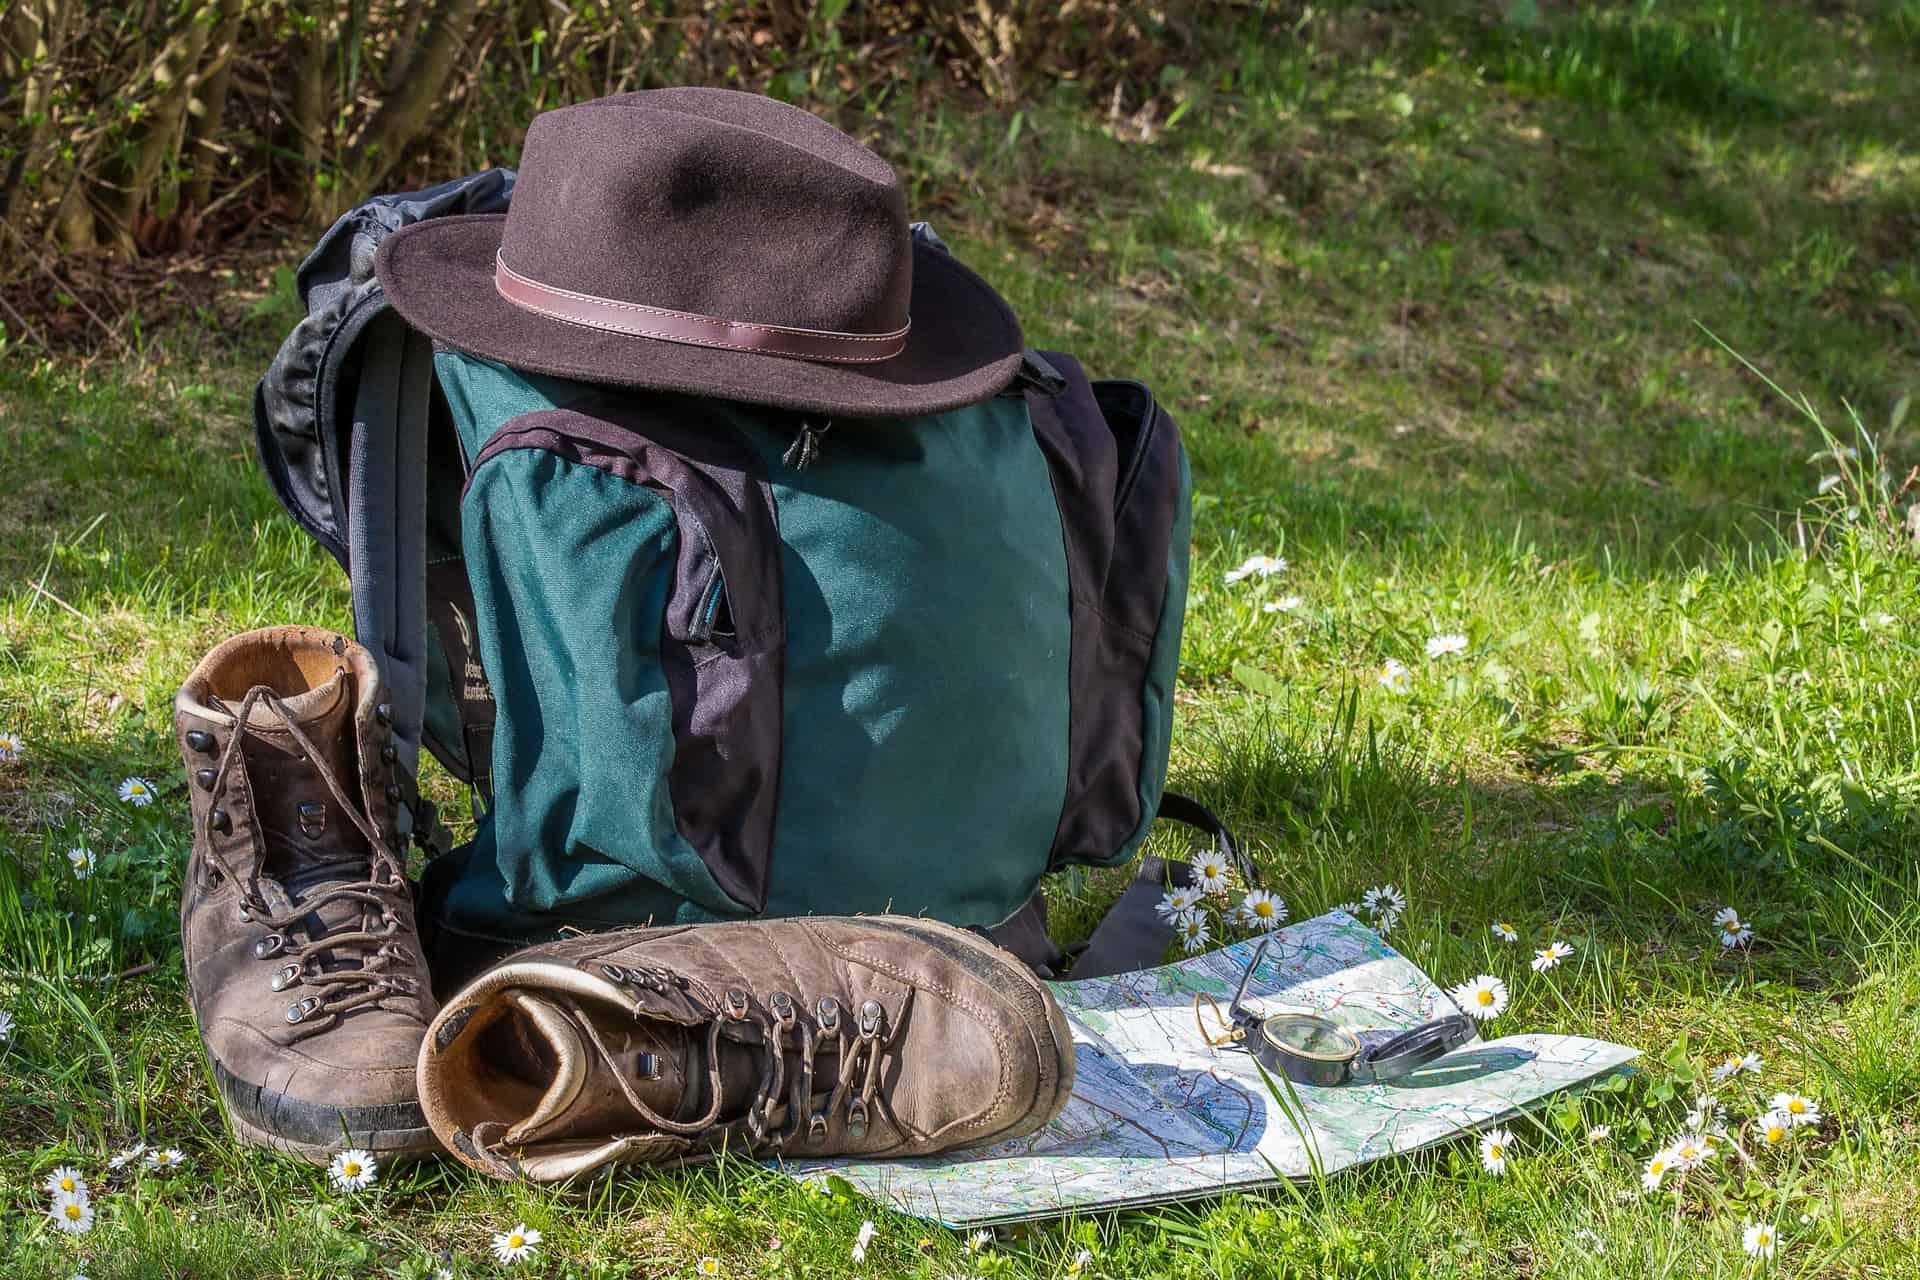 Wandersocken: Test & Empfehlungen (08/20)